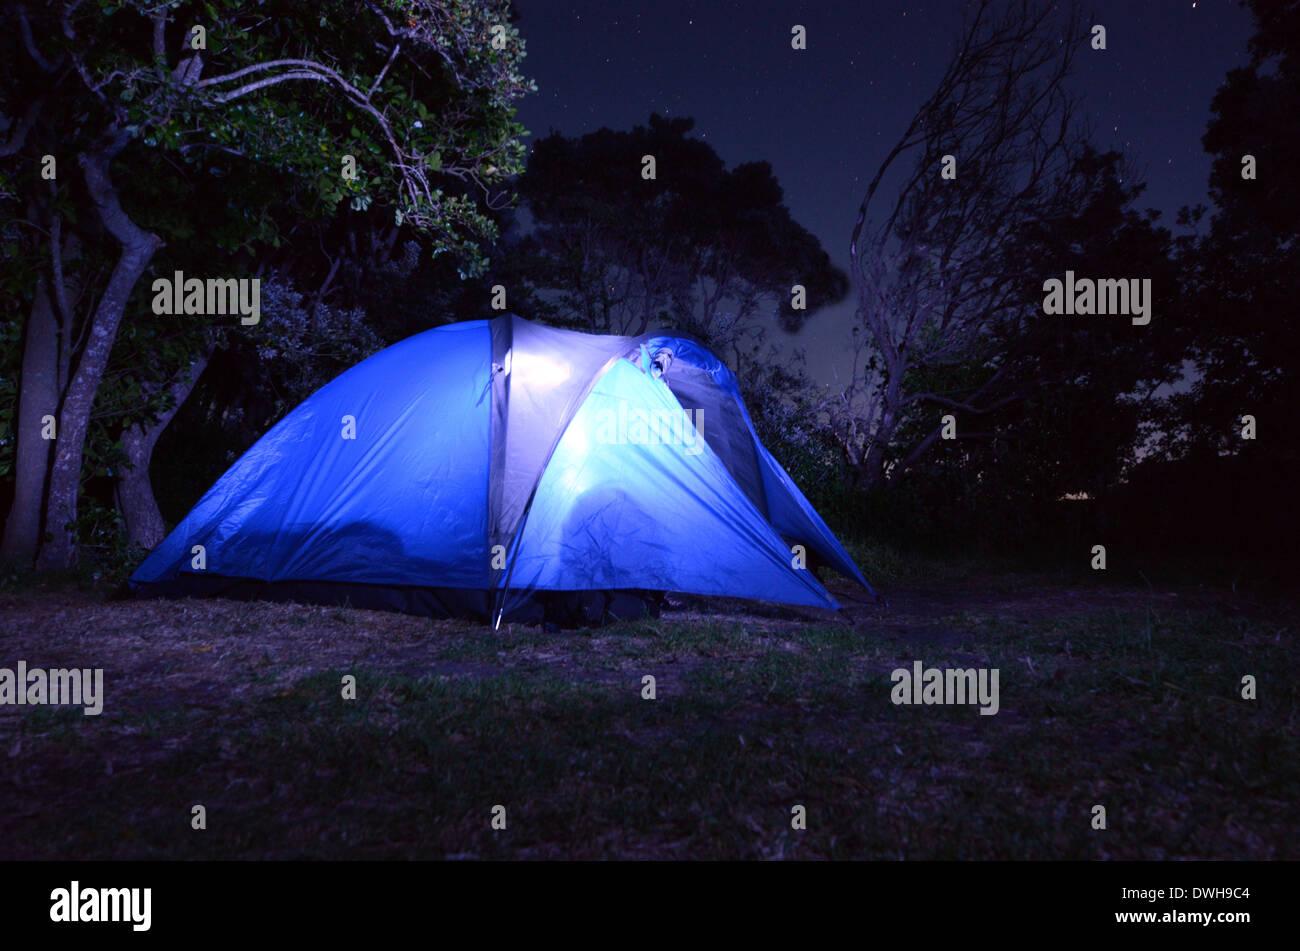 Zelt leuchtet in der Nacht beim camping-Urlaub oder Ferien auf dem Land. Konzept-Foto-Reisen und Urlaub Urlaub im freien Stockbild